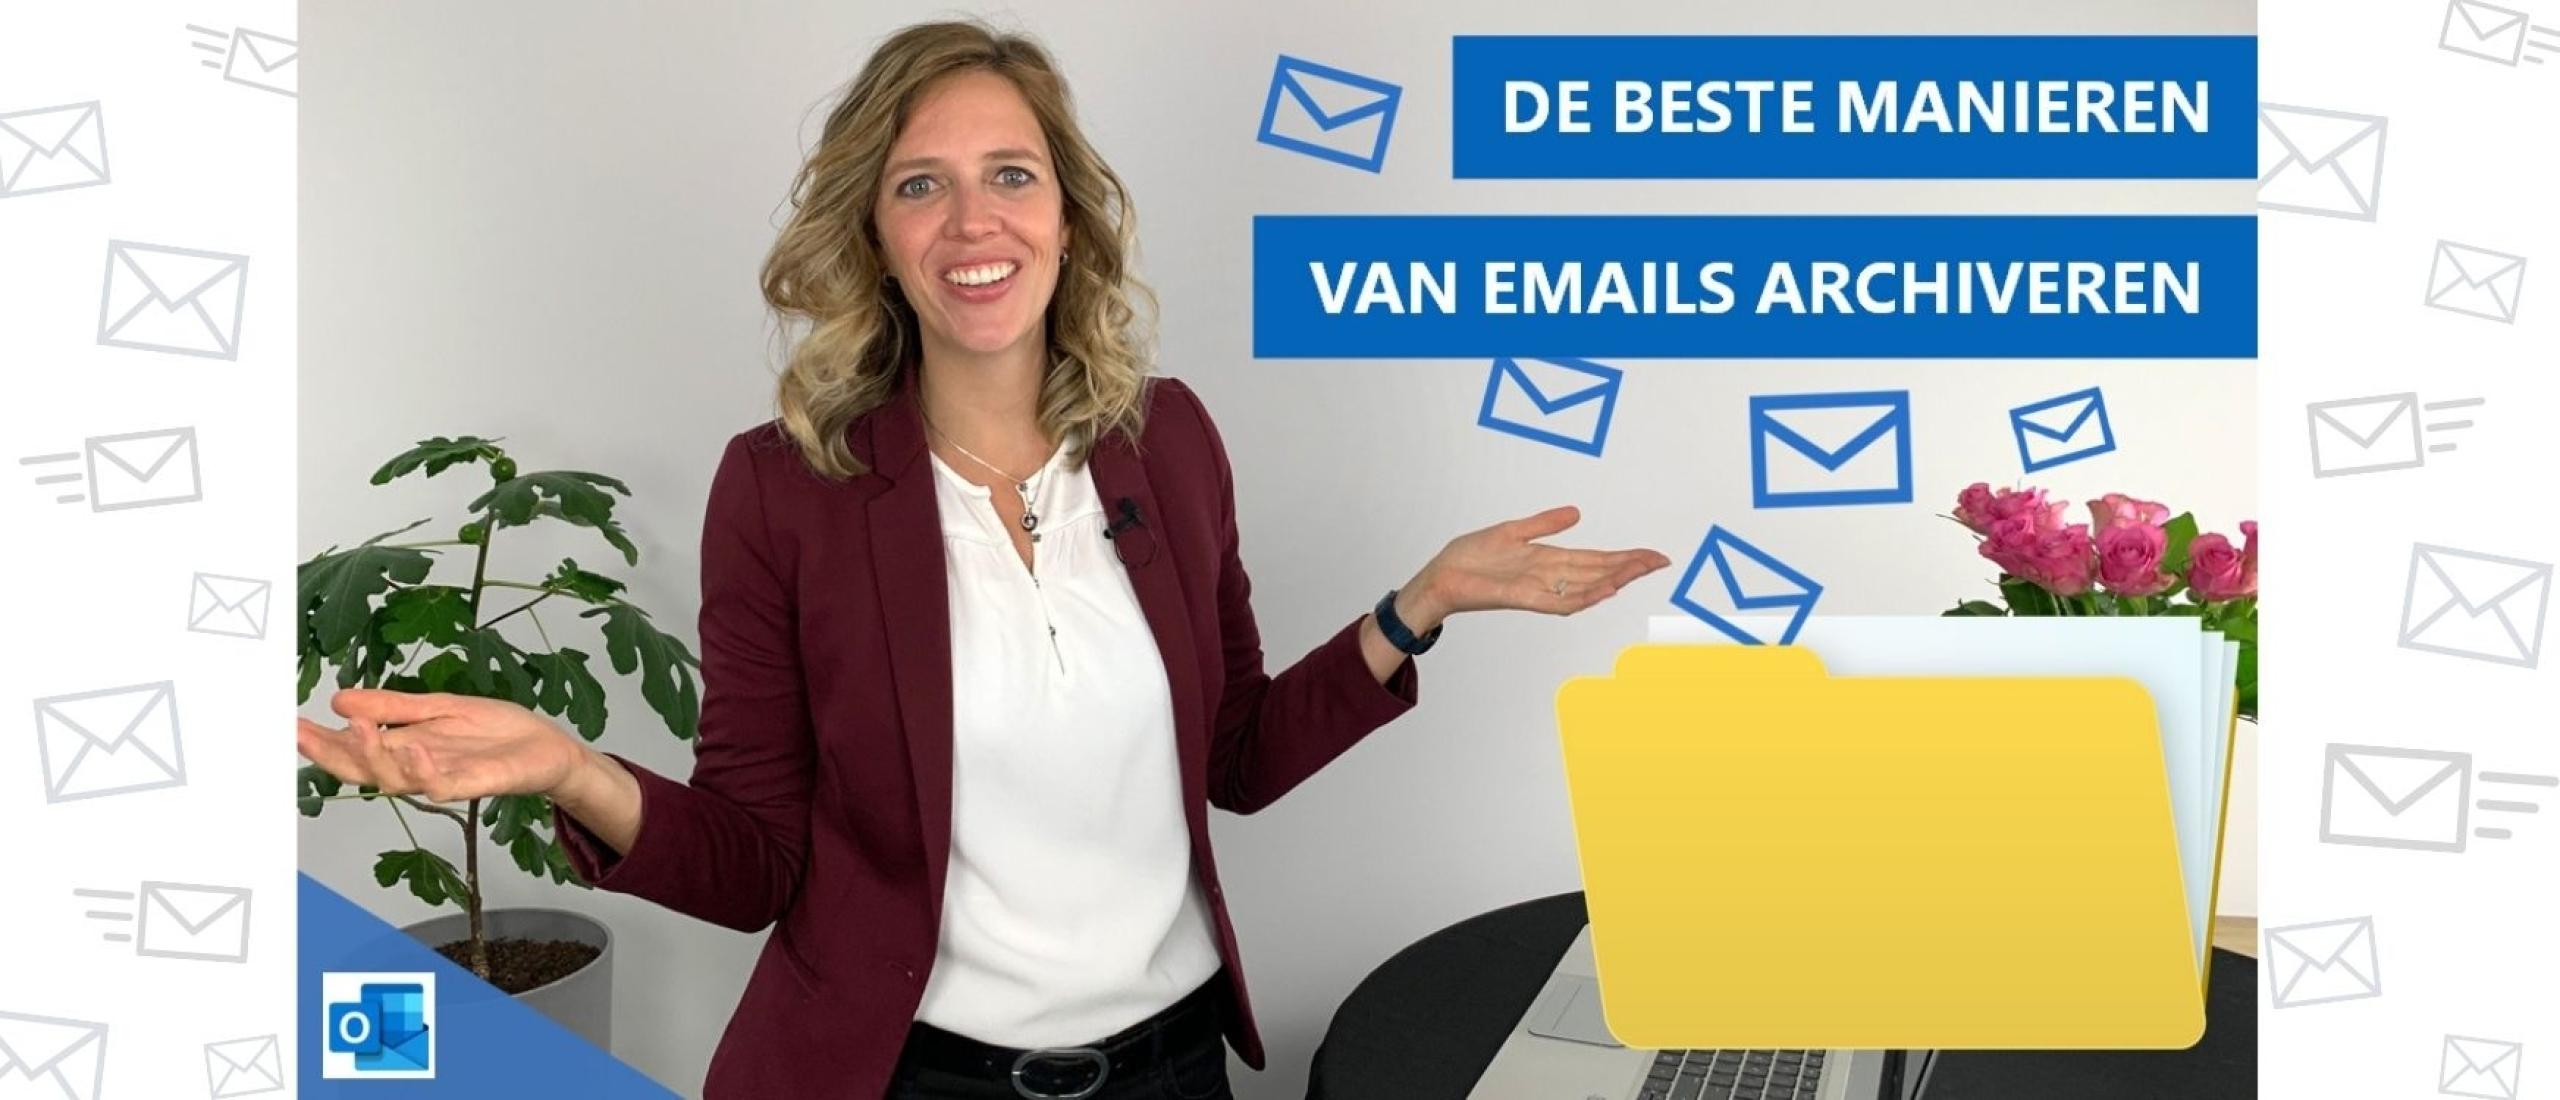 E-mails archiveren? Waarom slepen met e-mails het ergste is wat je kunt doen!